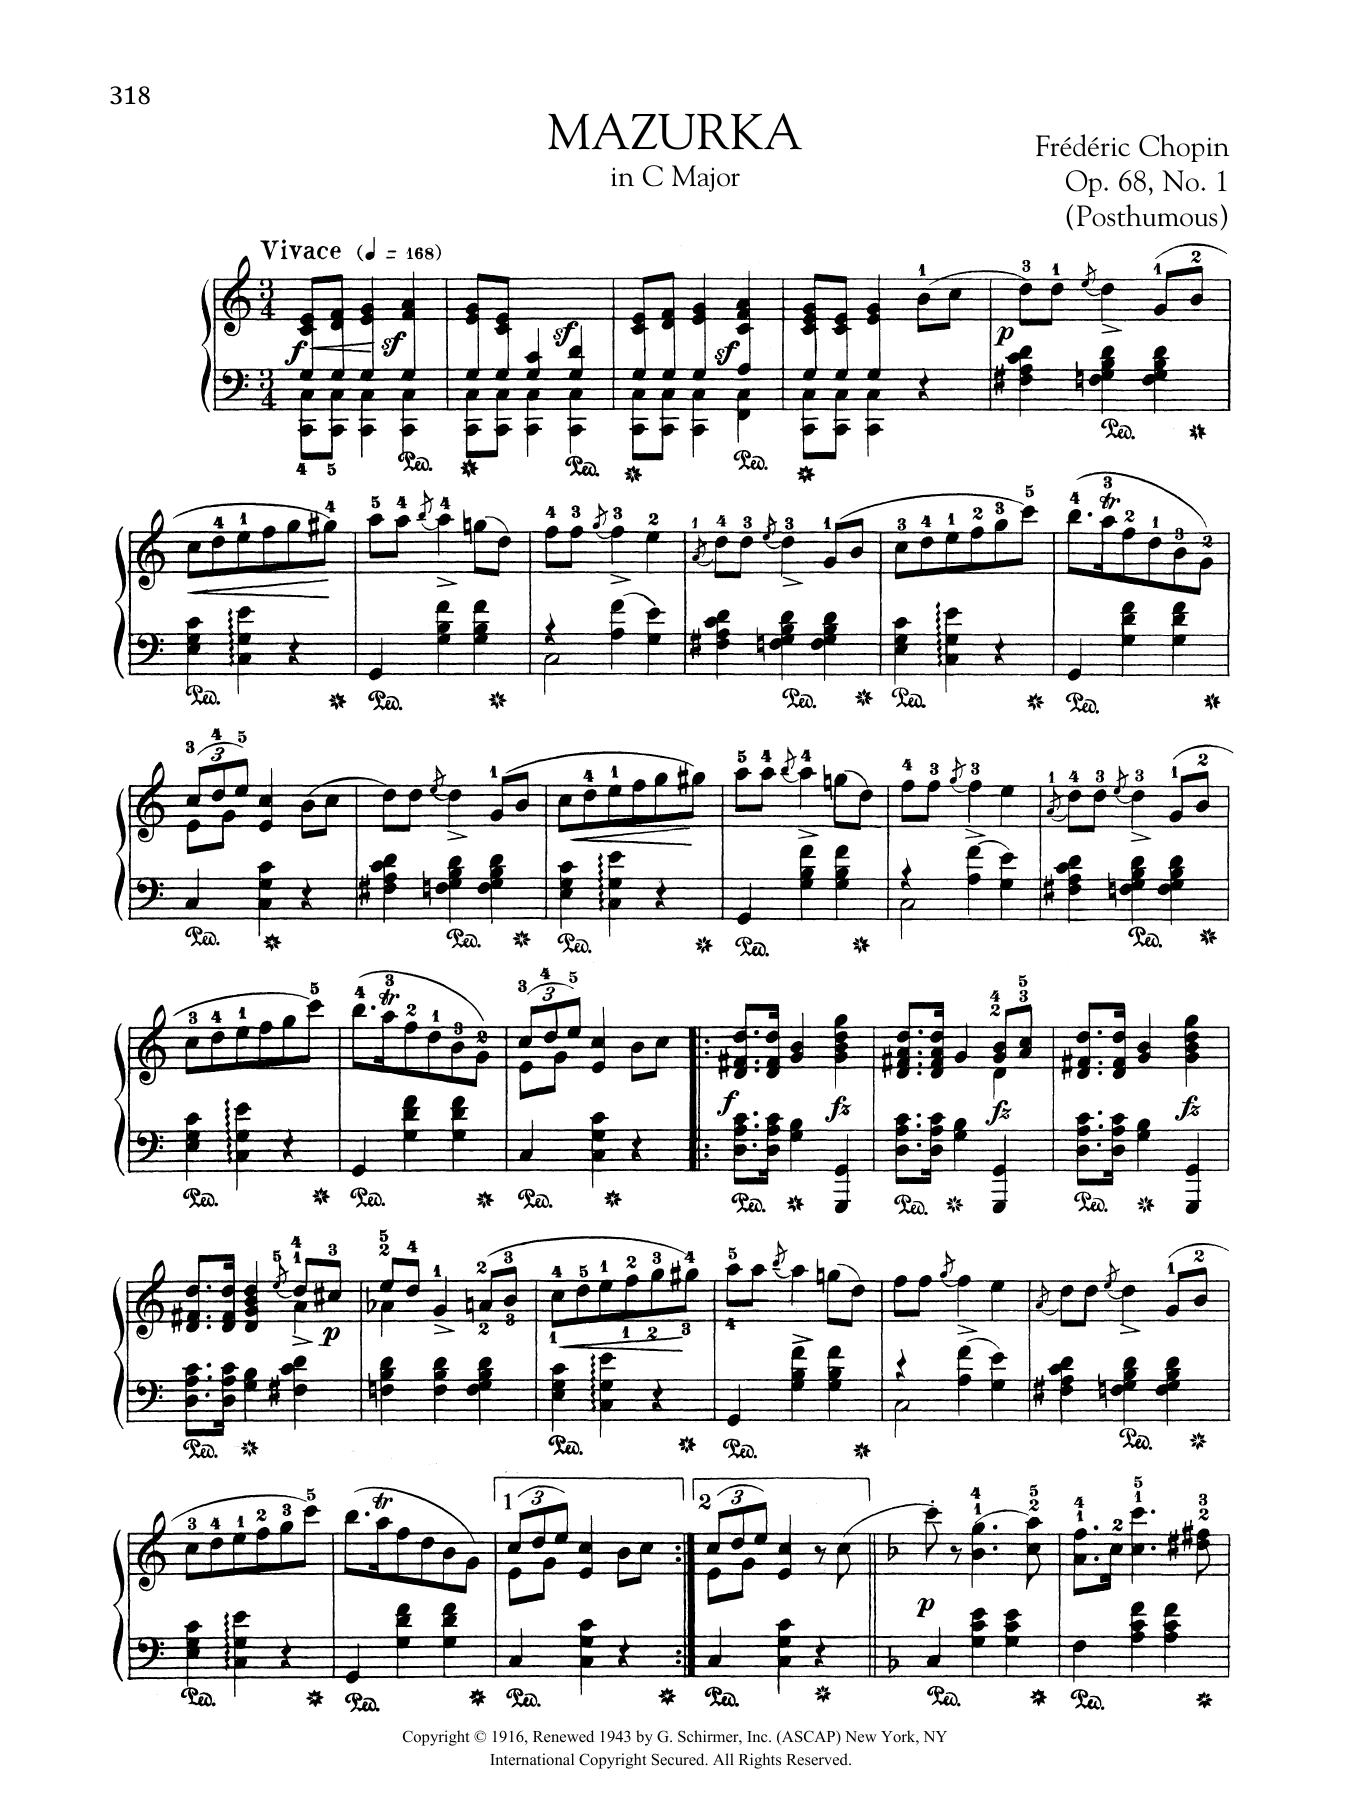 Mazurka in C Major, Op. 68, No. 1 (Posthumous) Sheet Music